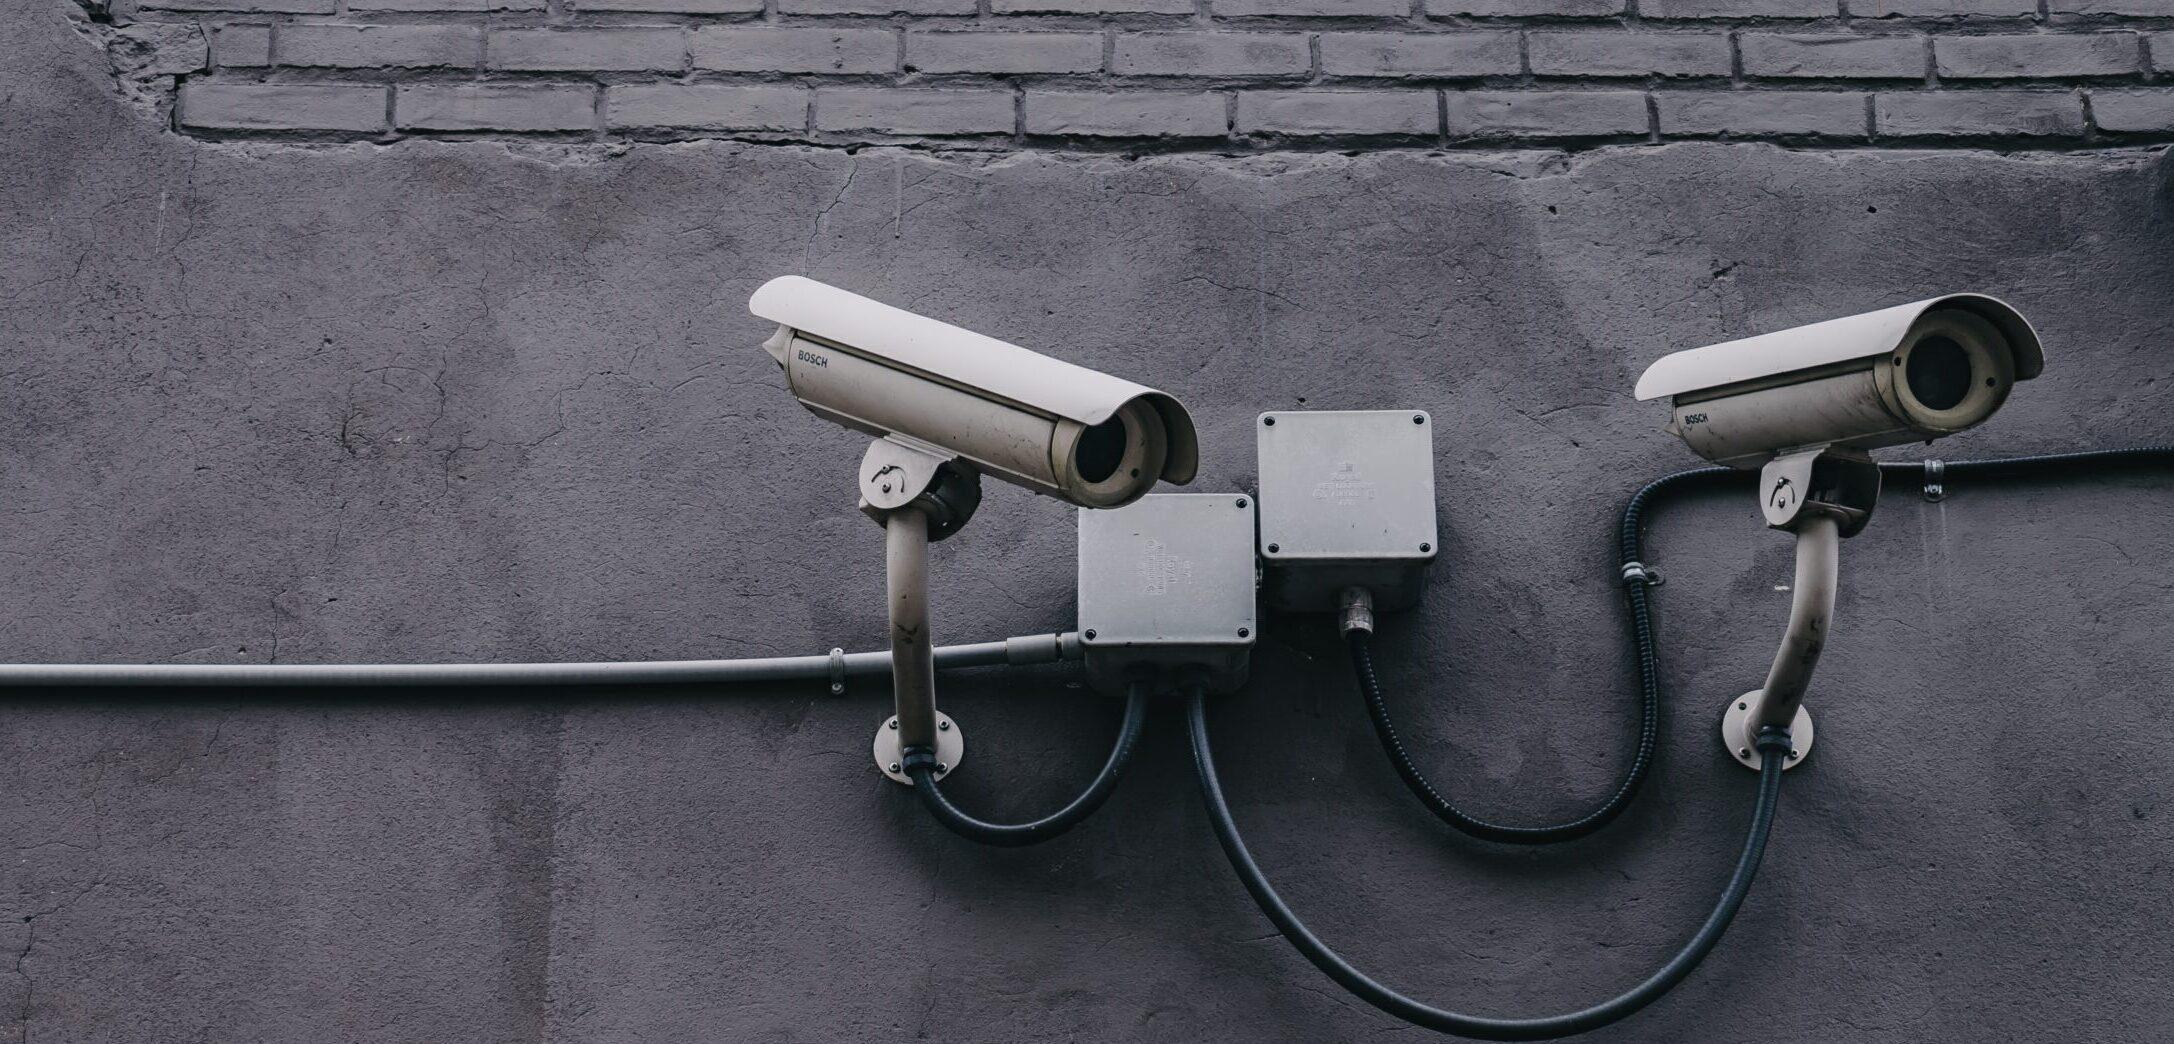 Как обеспечить кибербезопасность компании